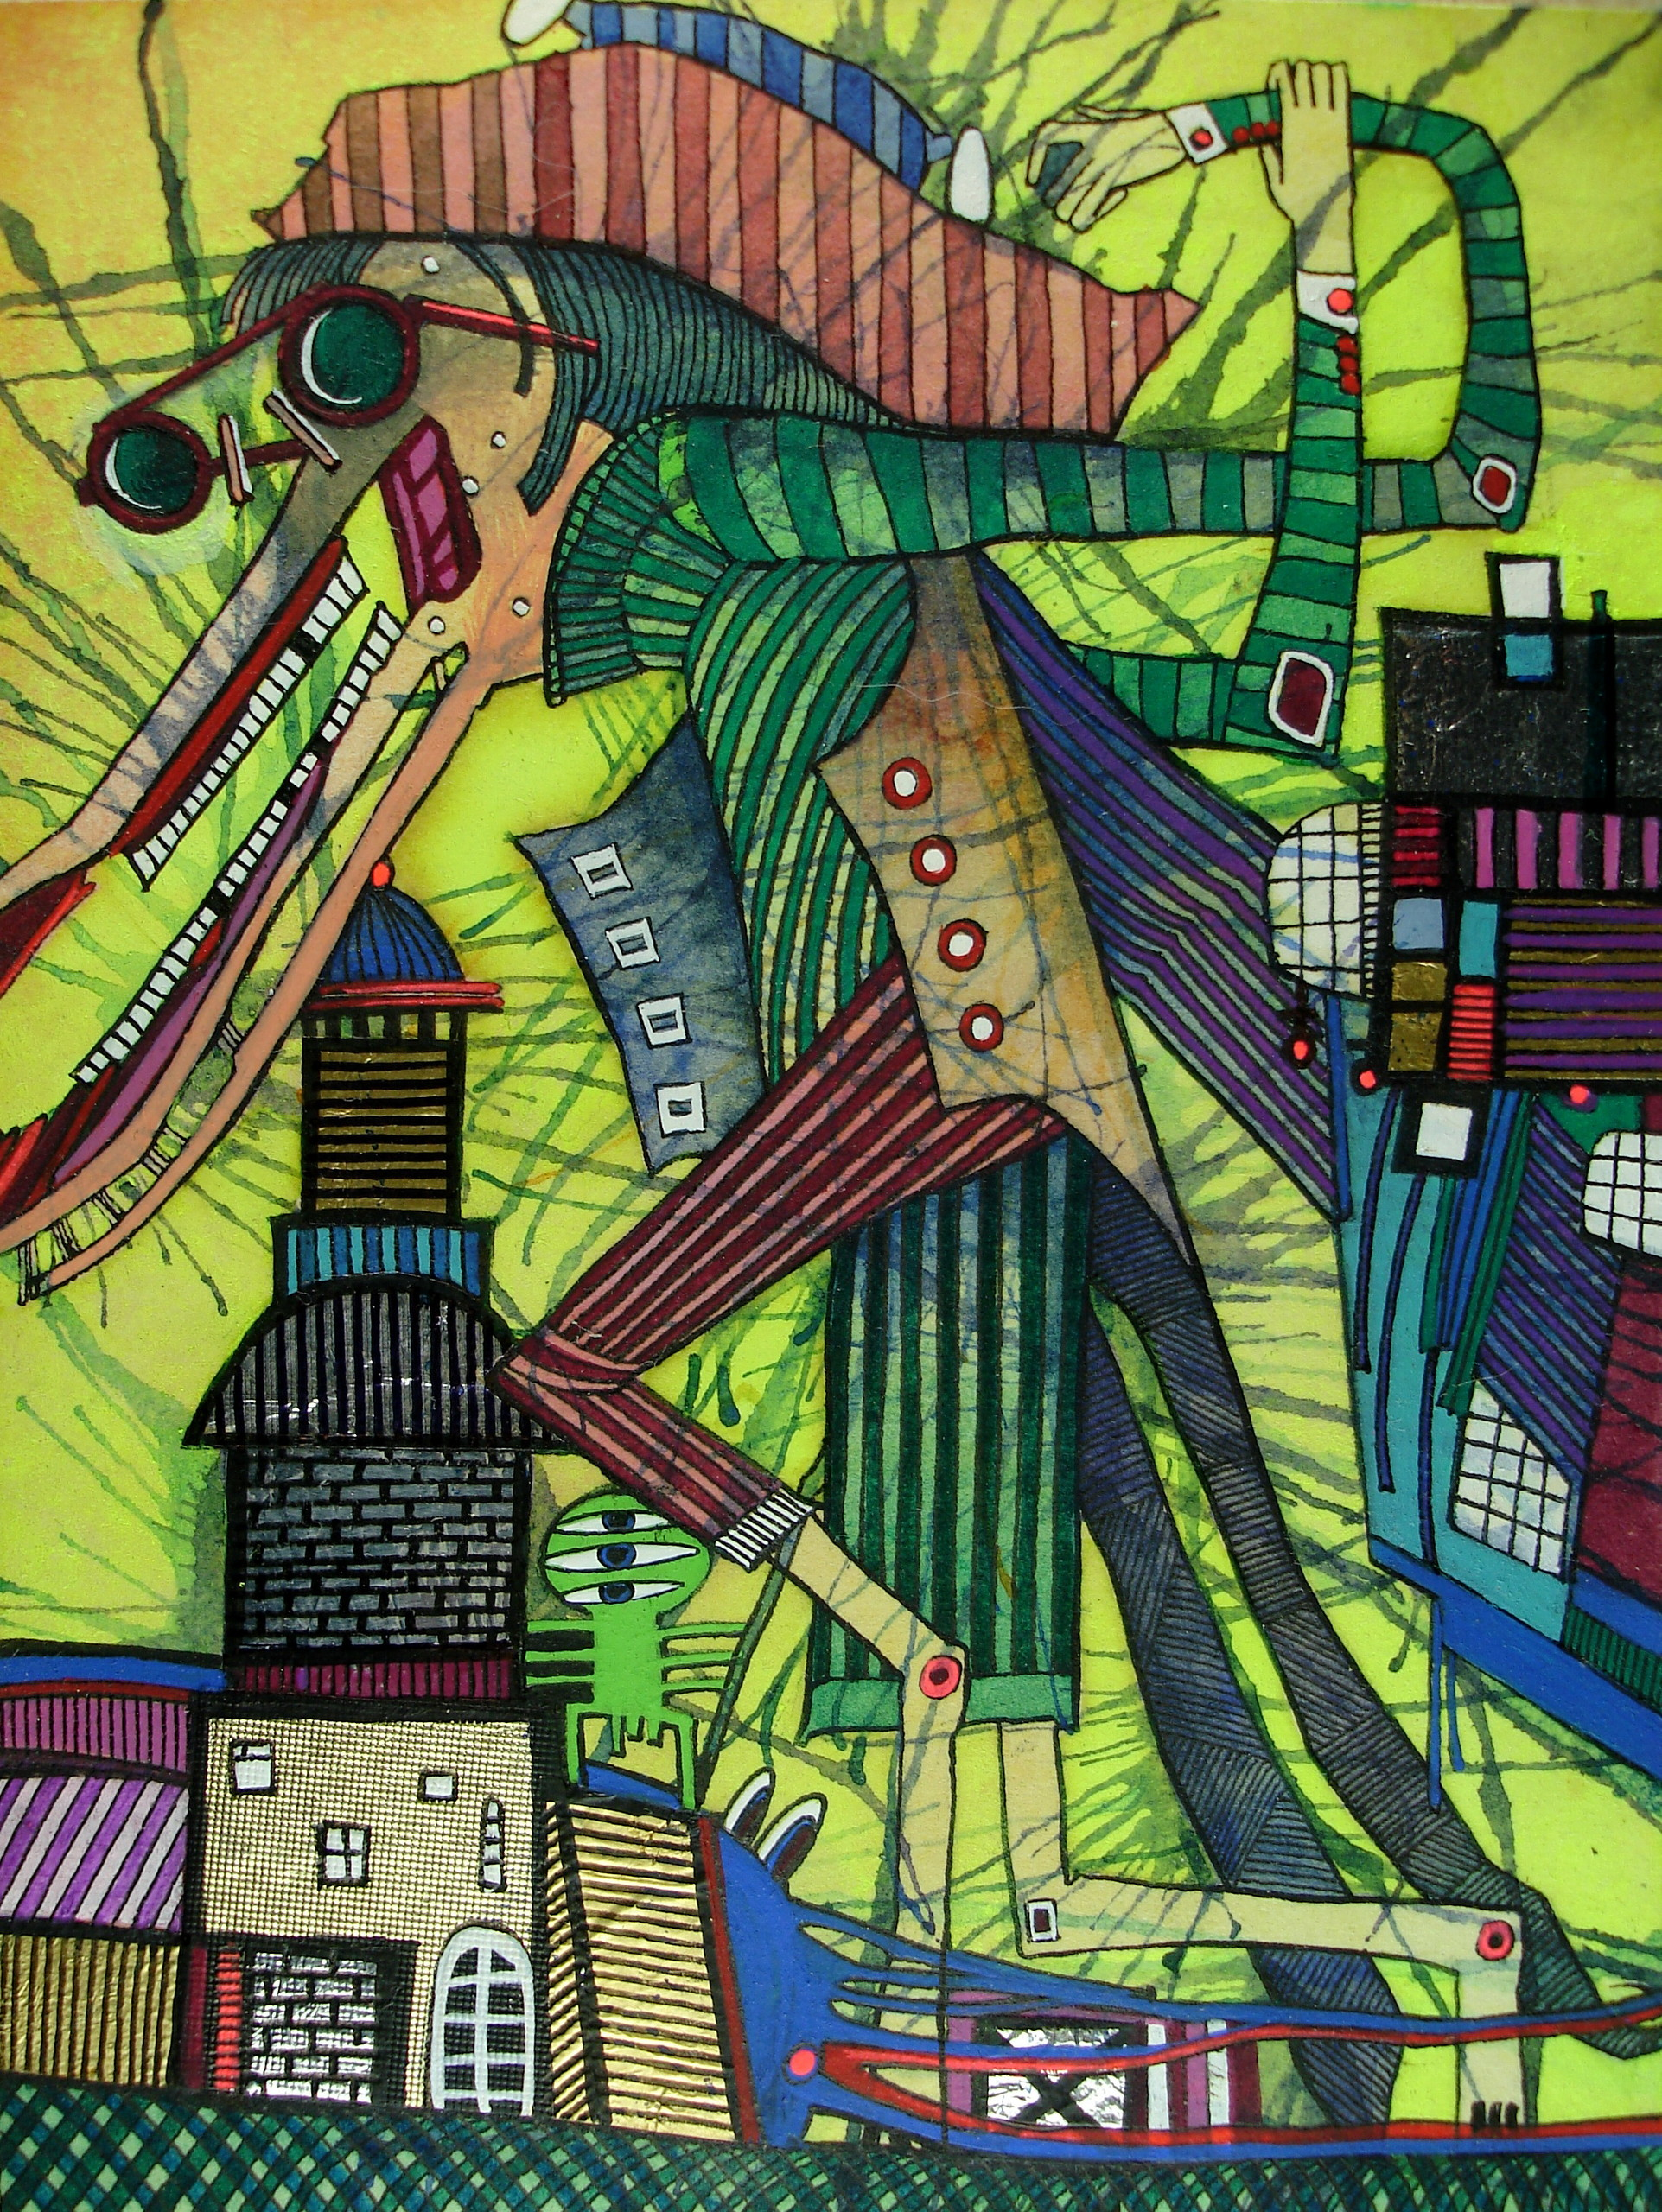 Бумага/акварель, тушь-перо, акрил, гуашь 12см x 9см 1998 г. Работа